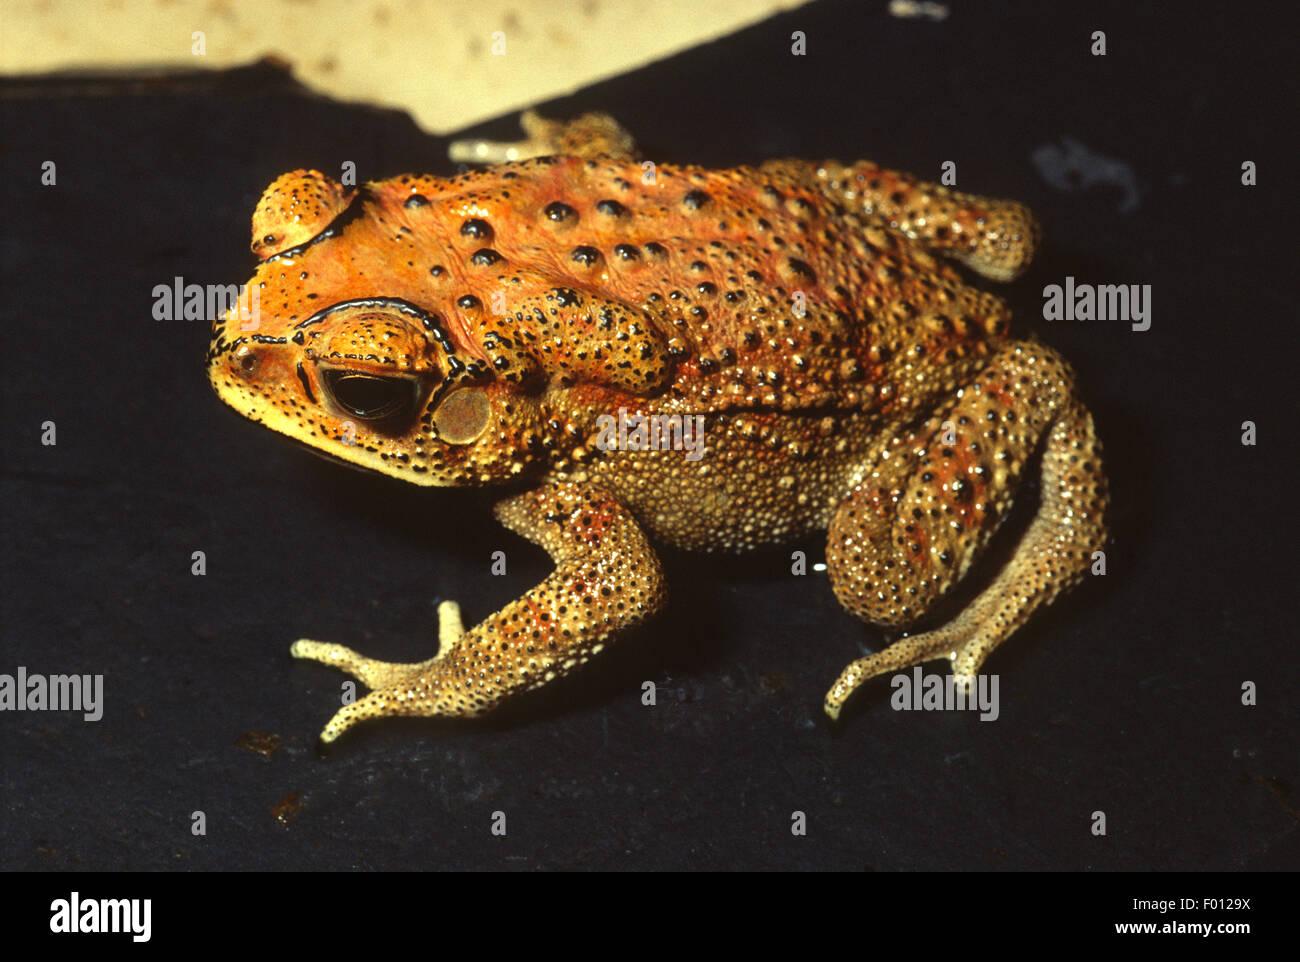 Asian common toad, Duttaphrynus melanostictus, Bufonidae, Asia - Stock Image